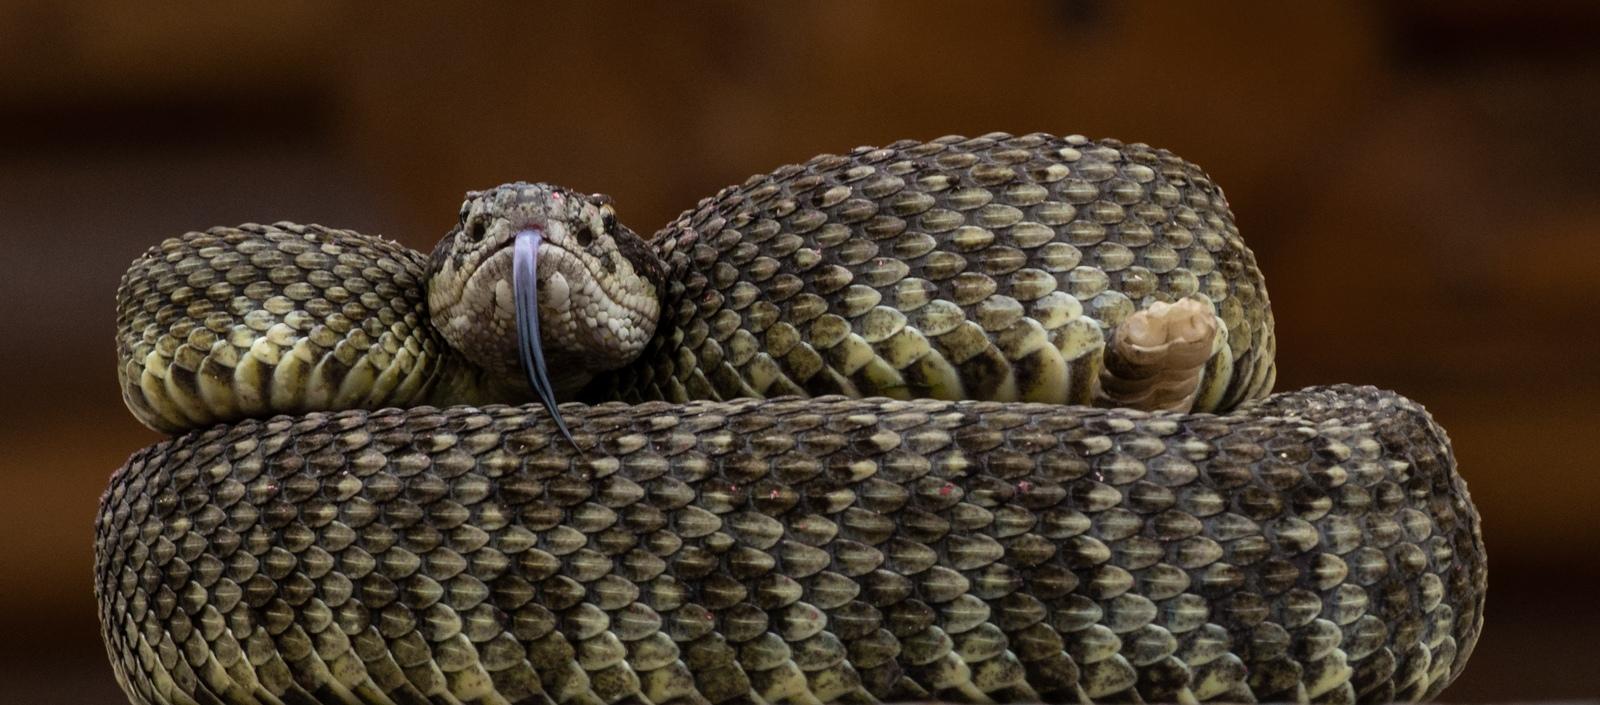 81-Rattle-Snake